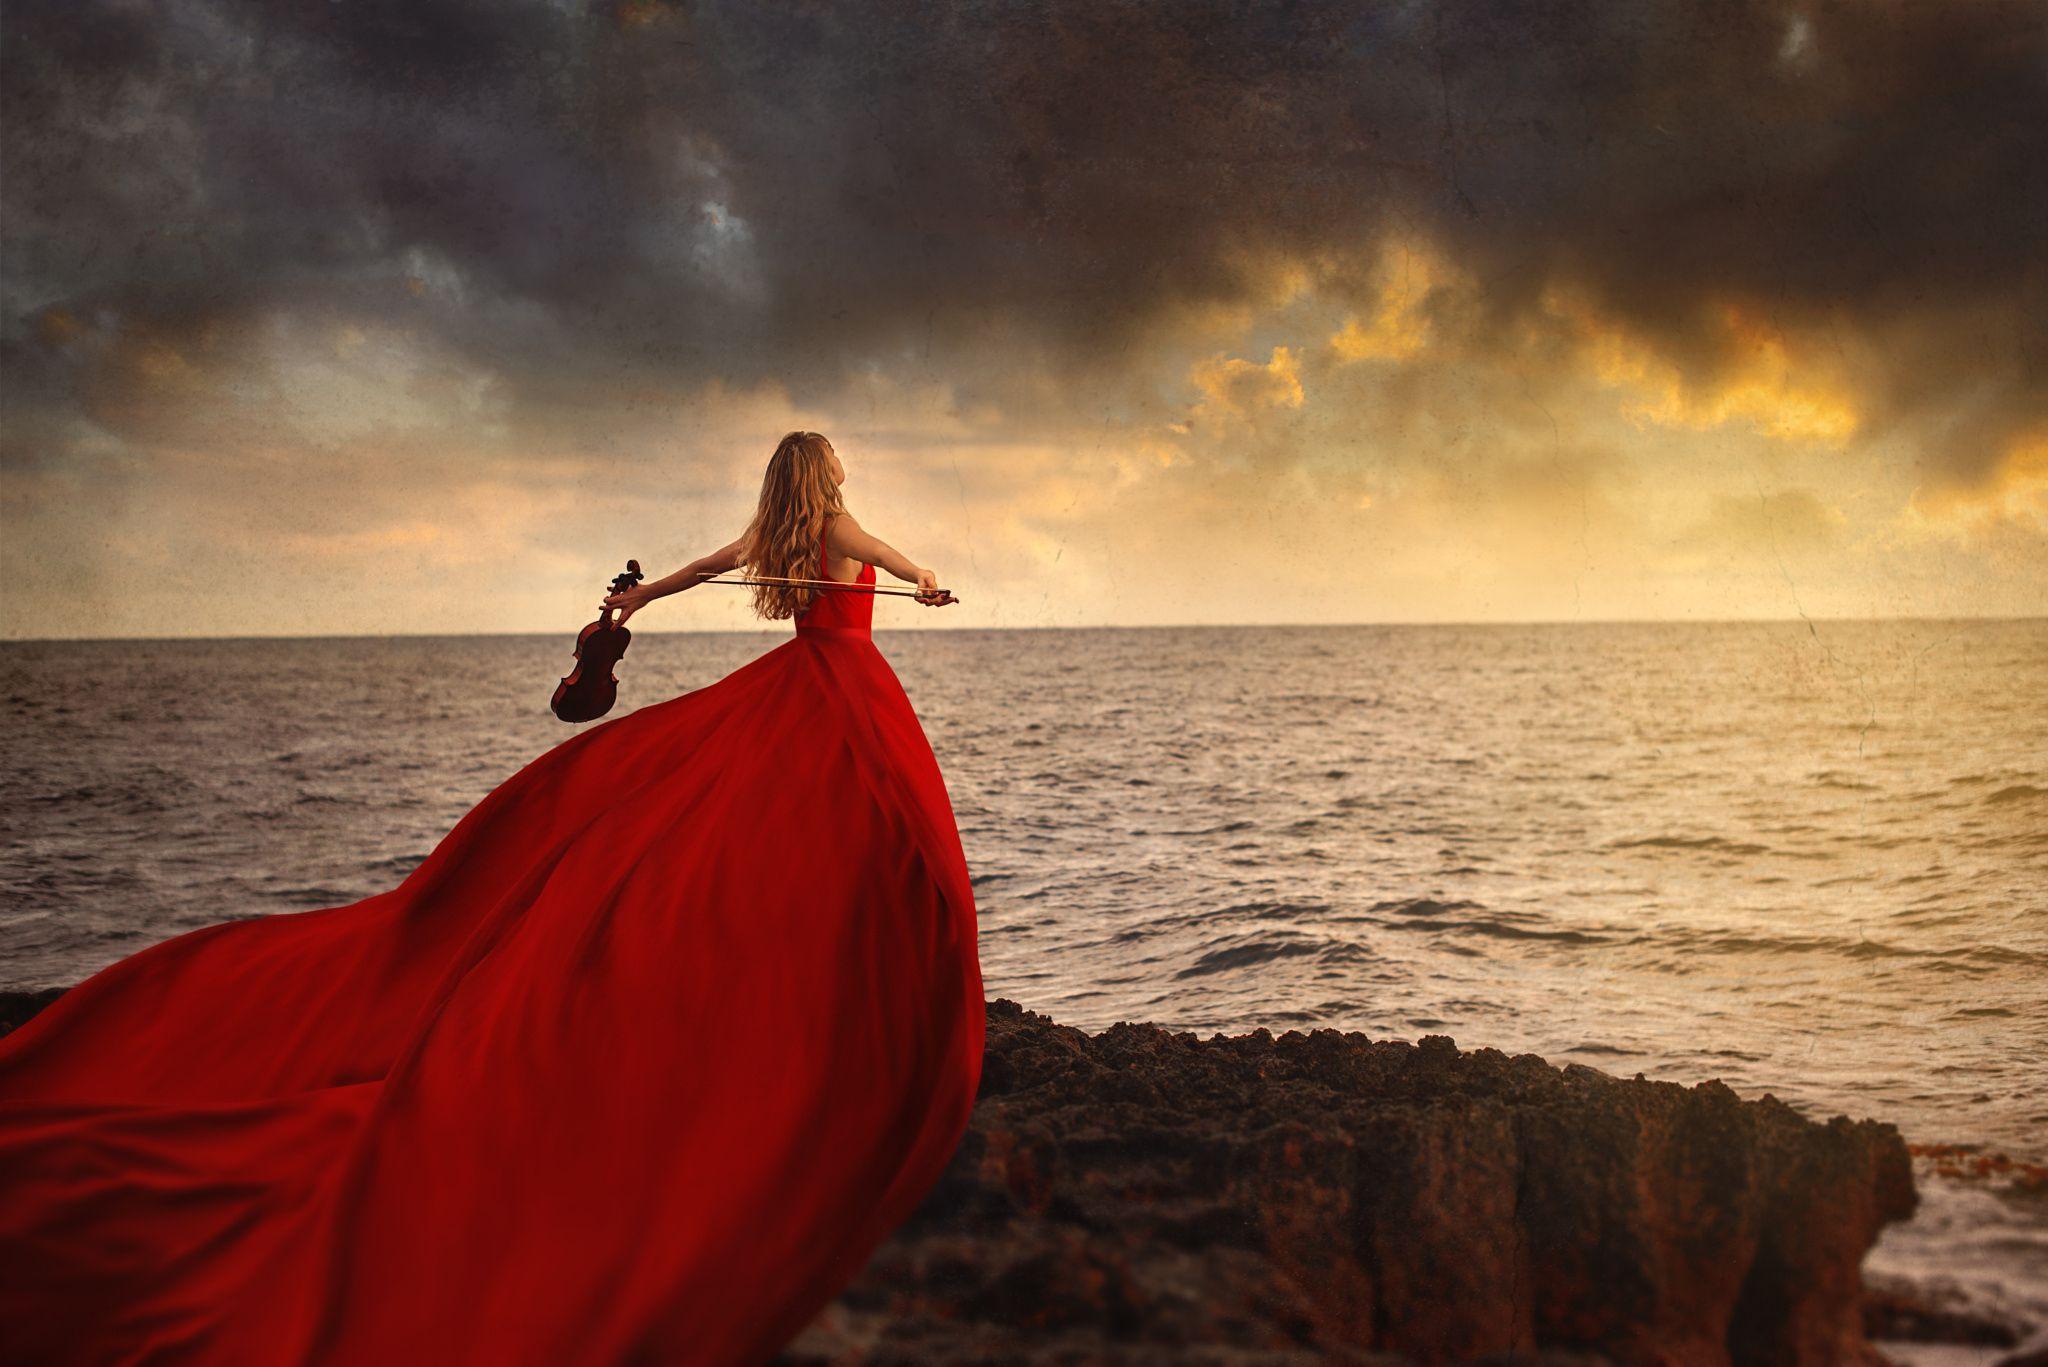 развесили залах вечернее платье сзади у моря фото меня осталось